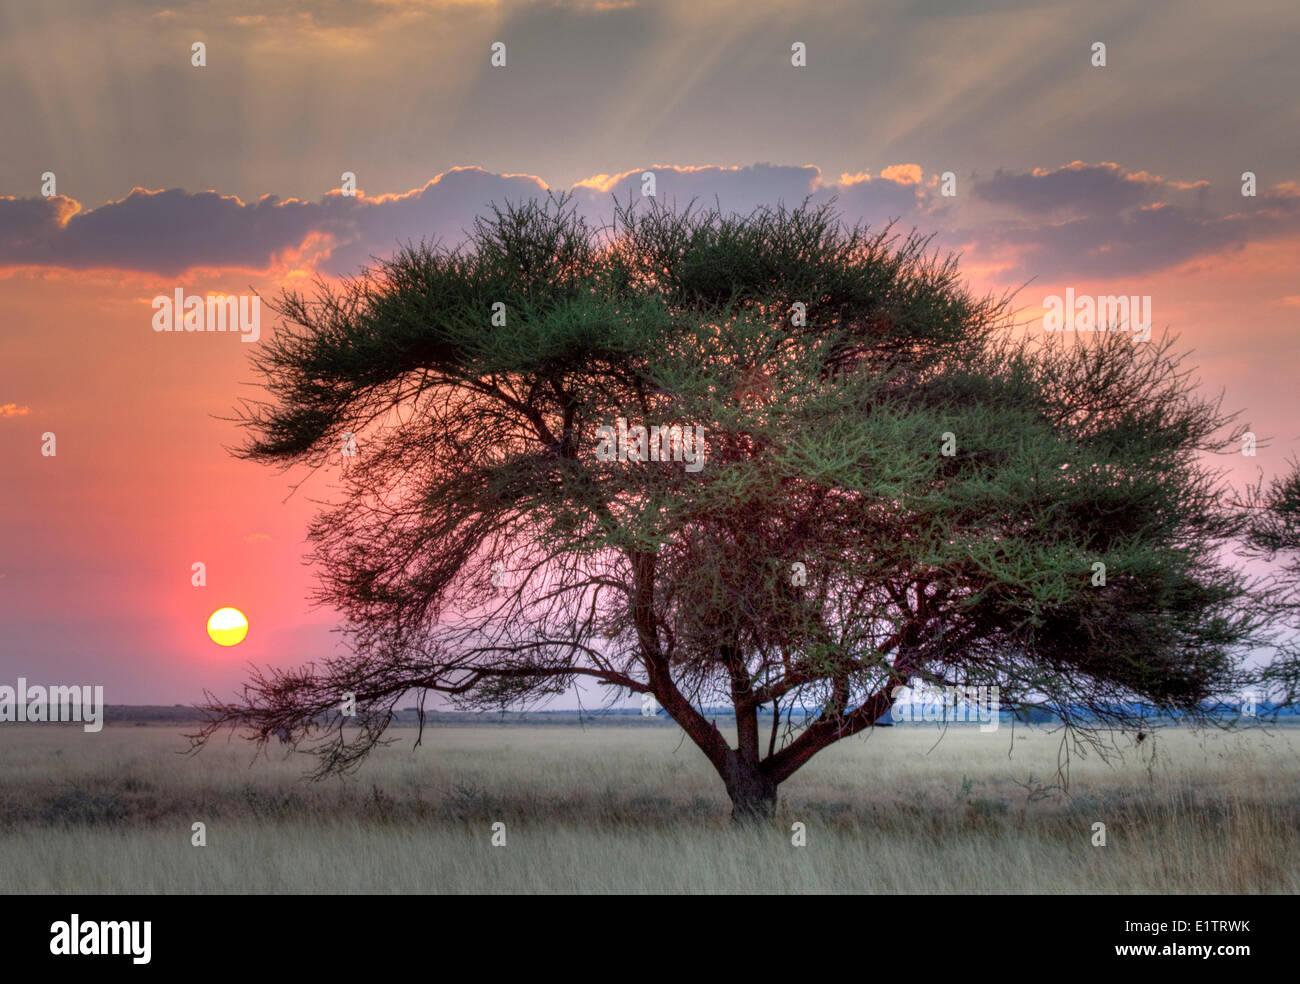 Sunset over the Kalahari, Central Kalahari Game Reserve, Botswana, Africa Stock Photo